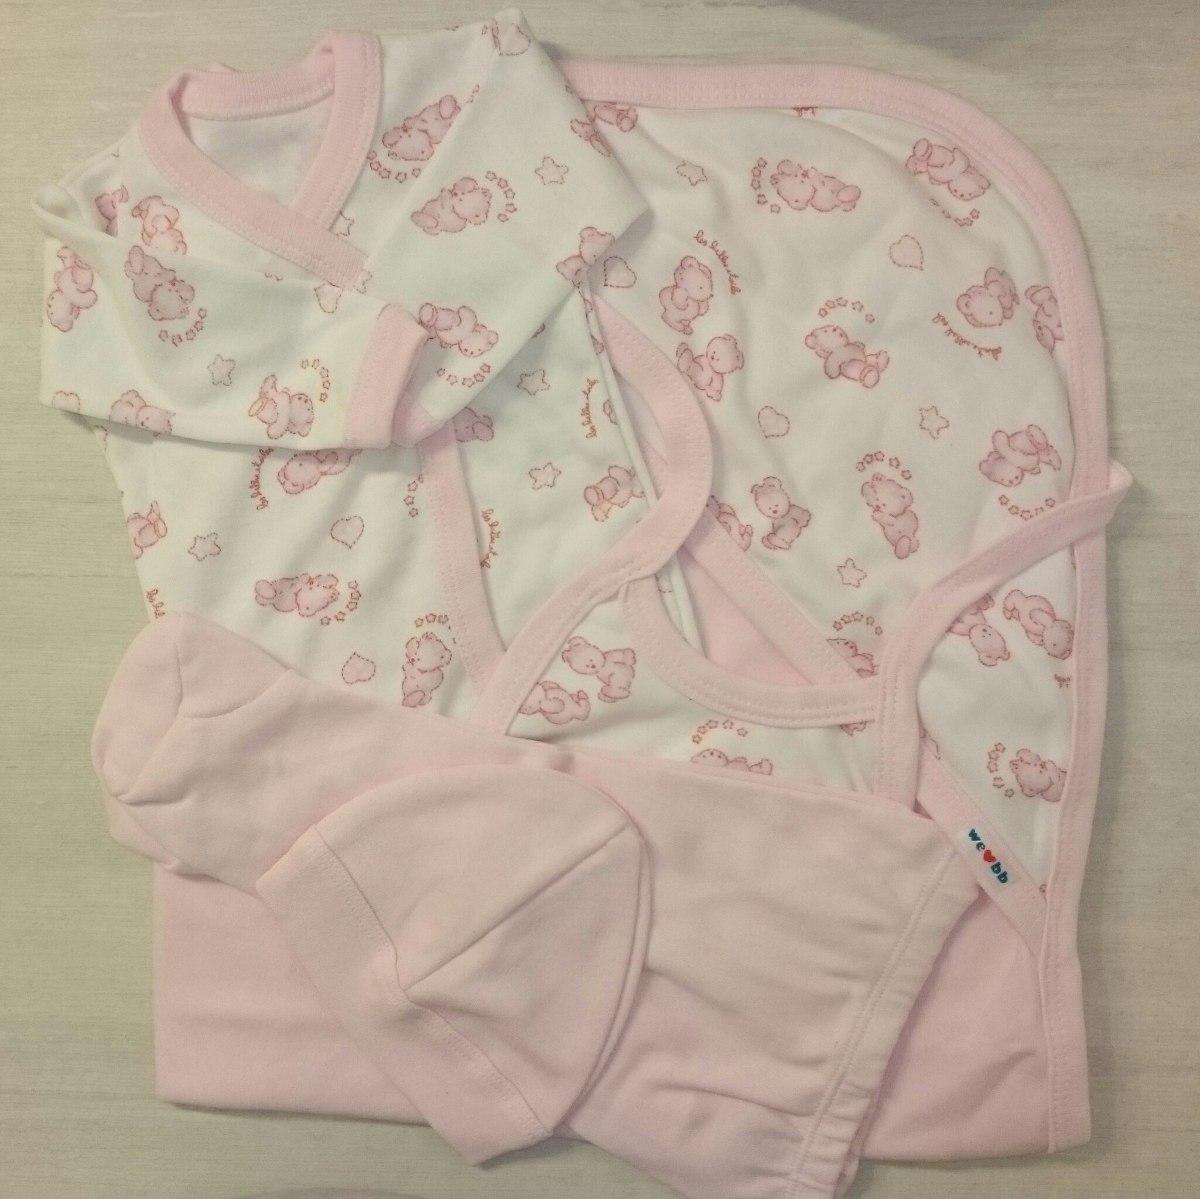 bb23db453 Set Kit Ajuar Ropa Recién Nacido 5 Piezas Algodón Para Bebé -   499 ...